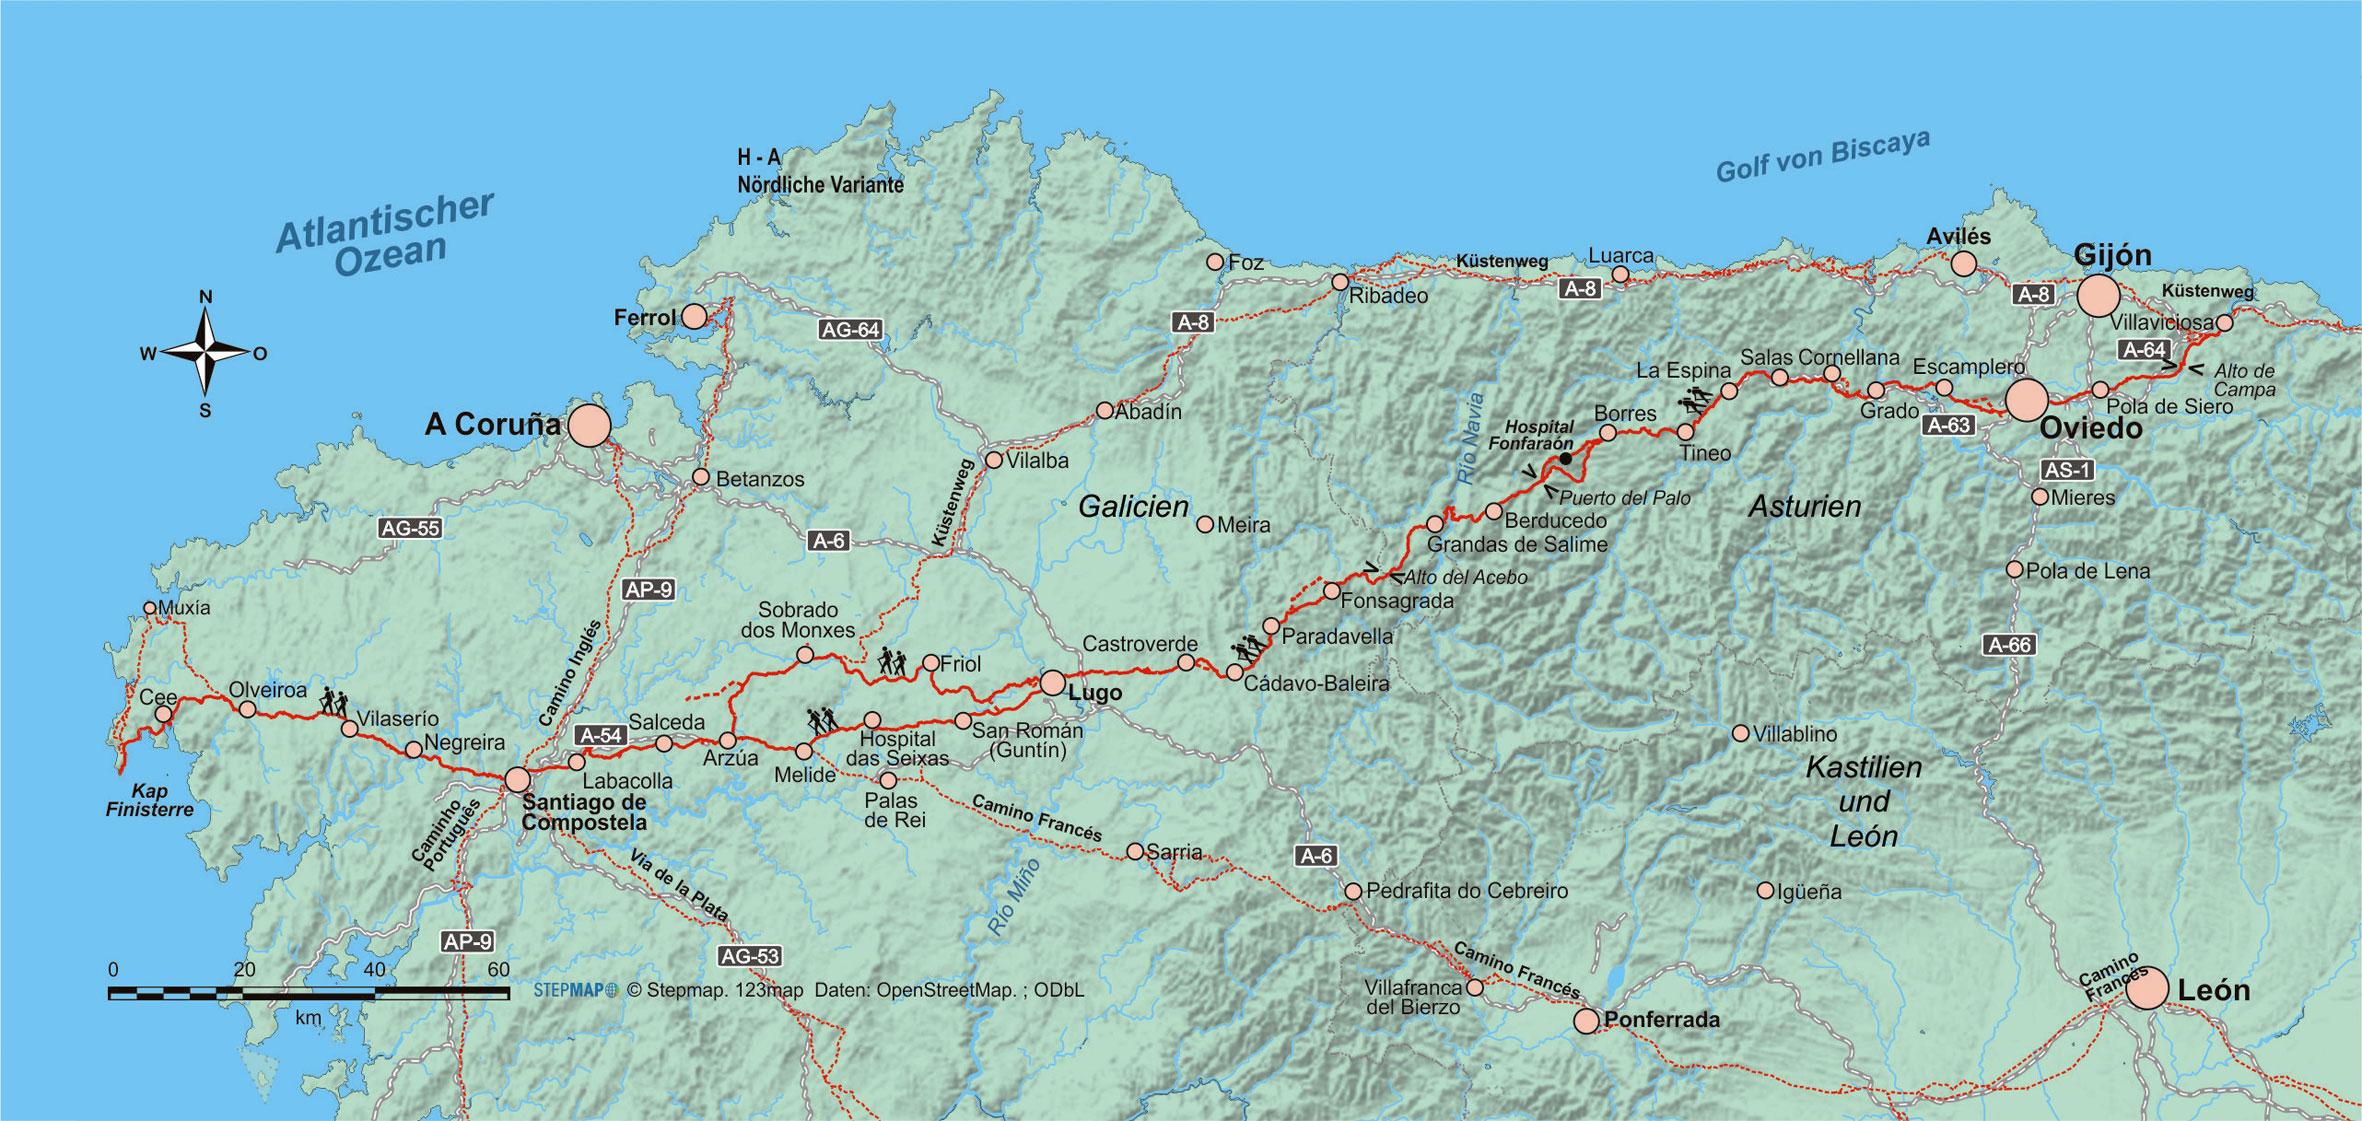 Camino Portugues Karte.Camino 2019